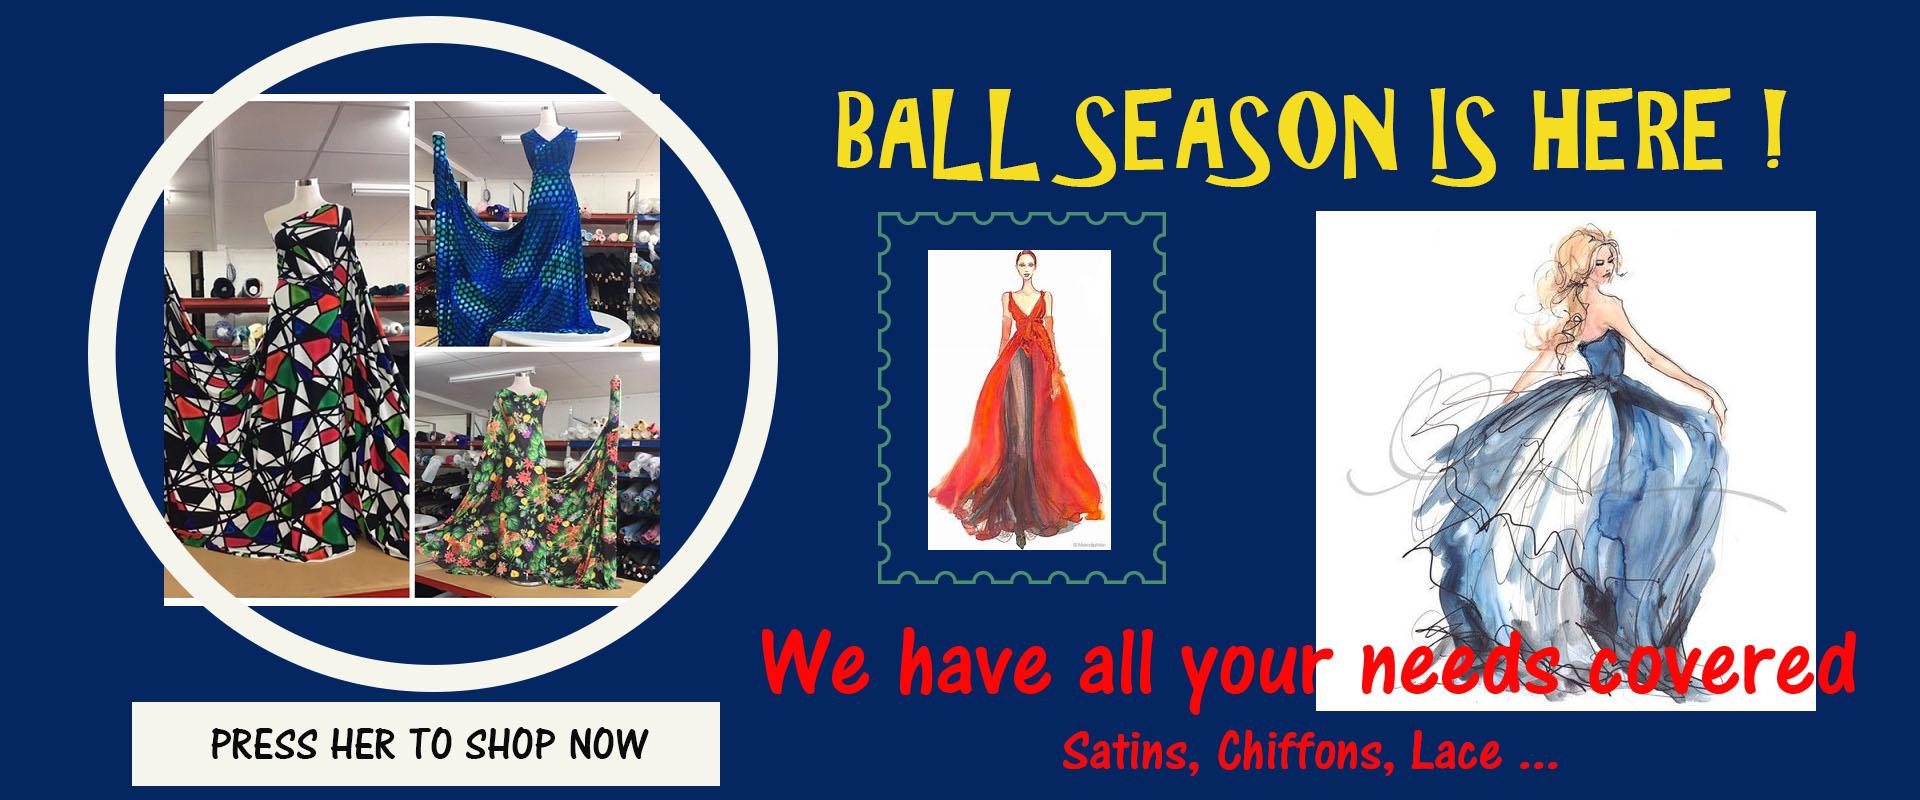 Ball Season